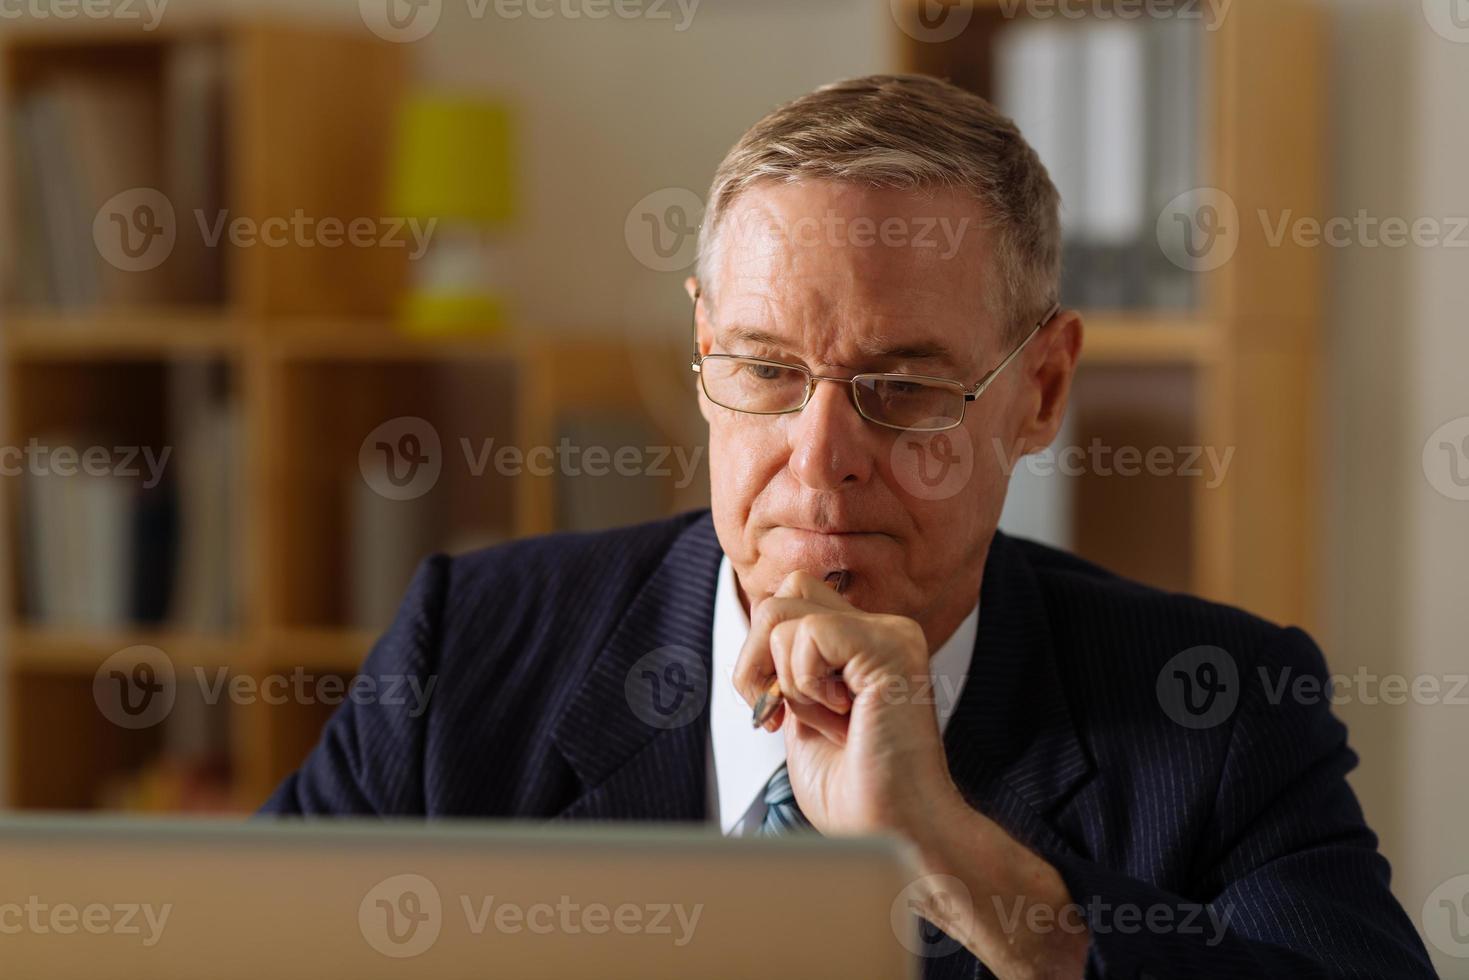 homme d'affaires senior pensif photo